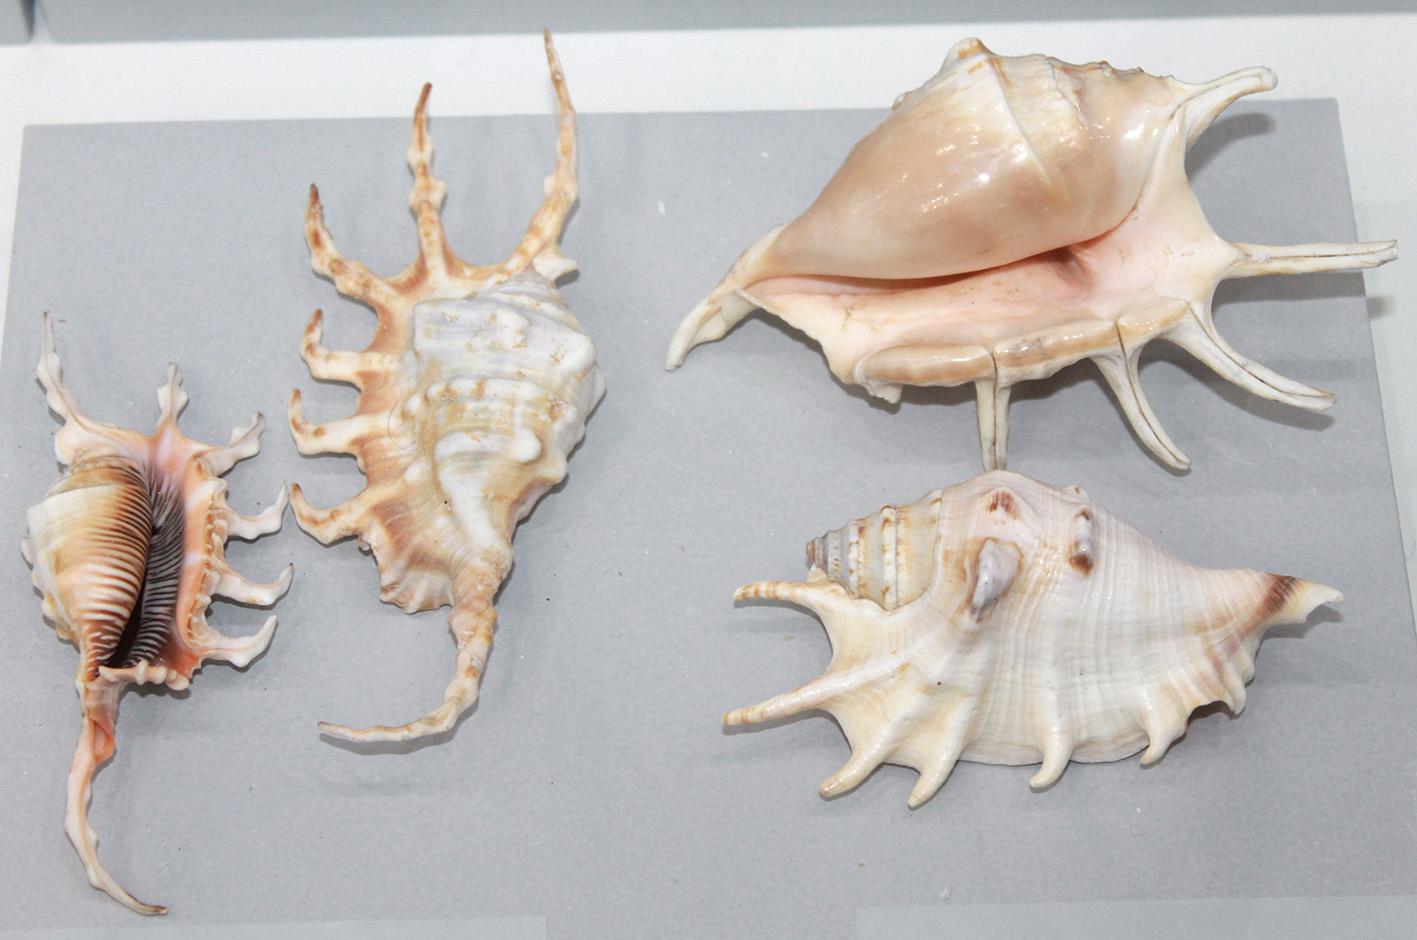 Нова експозиция в Природонаучния музей в Бургас показва непознатите морски обитатели